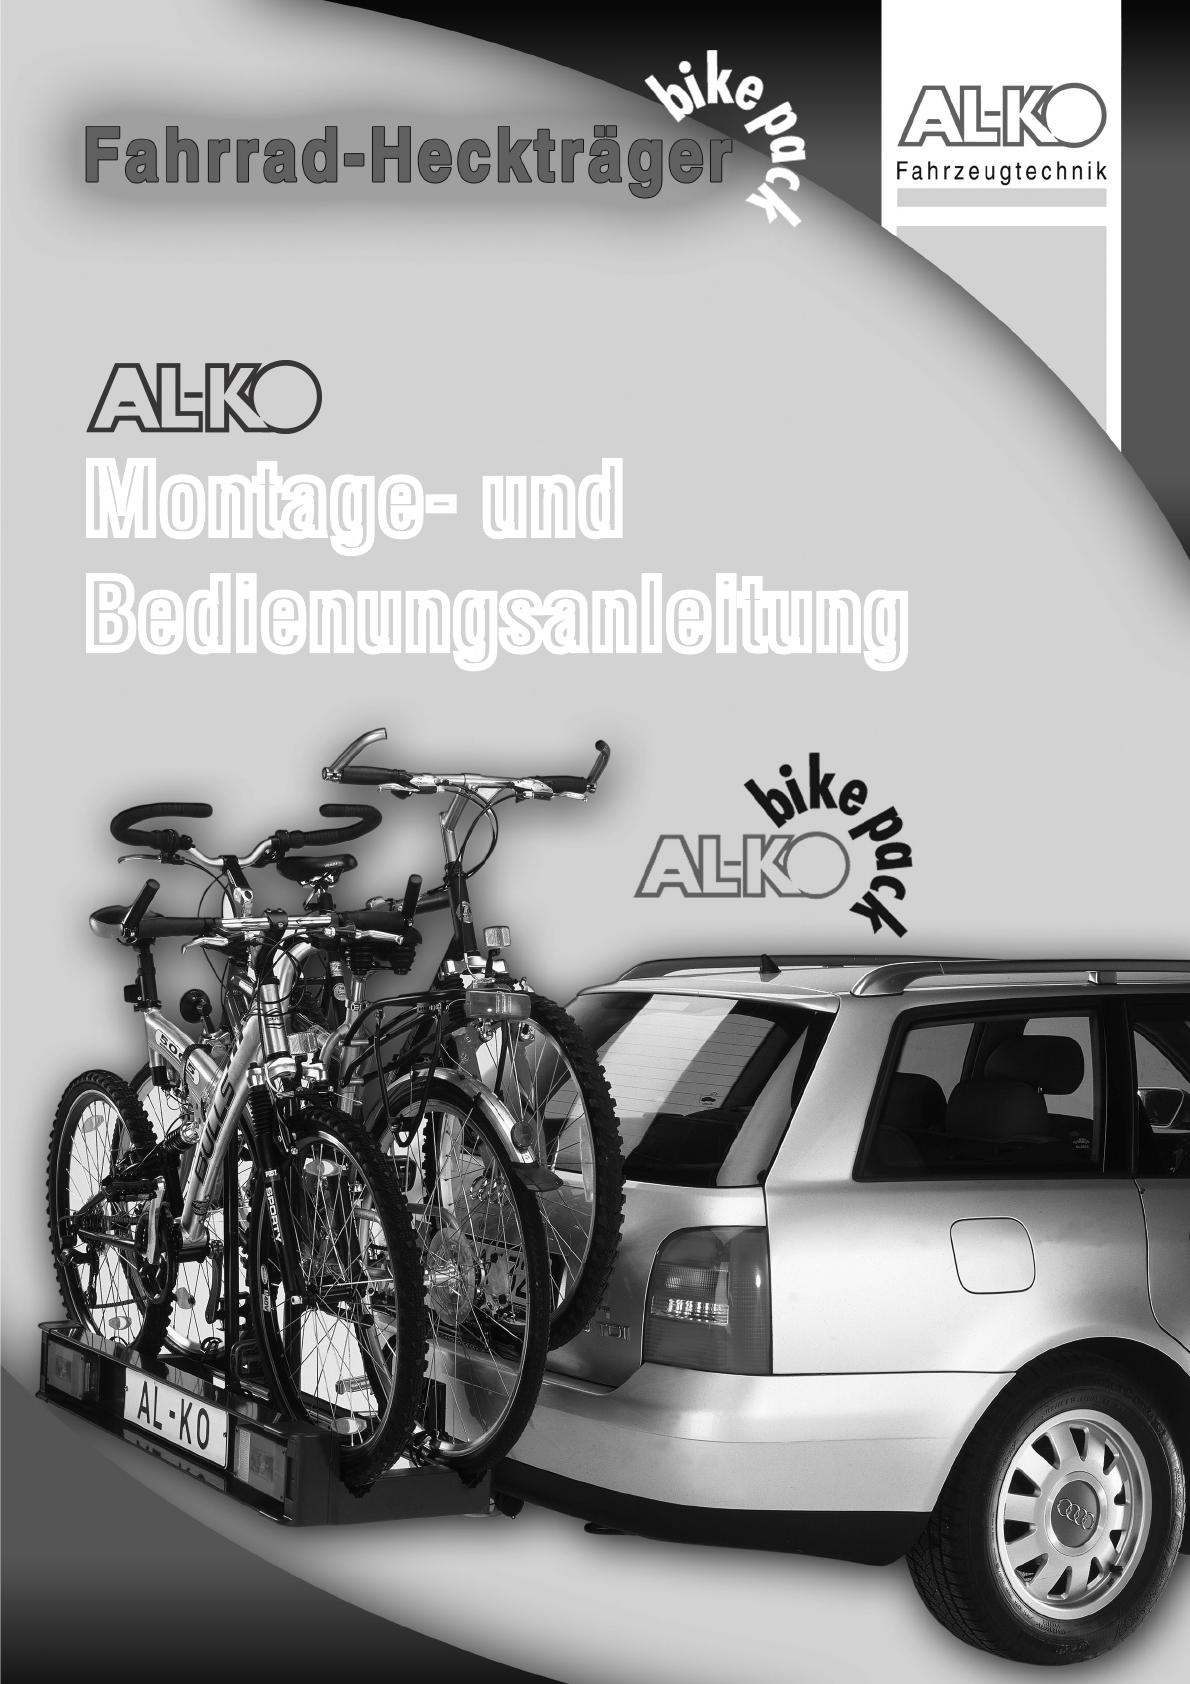 bedienungsanleitung al ko bike pack seite 1 von 32 deutsch. Black Bedroom Furniture Sets. Home Design Ideas